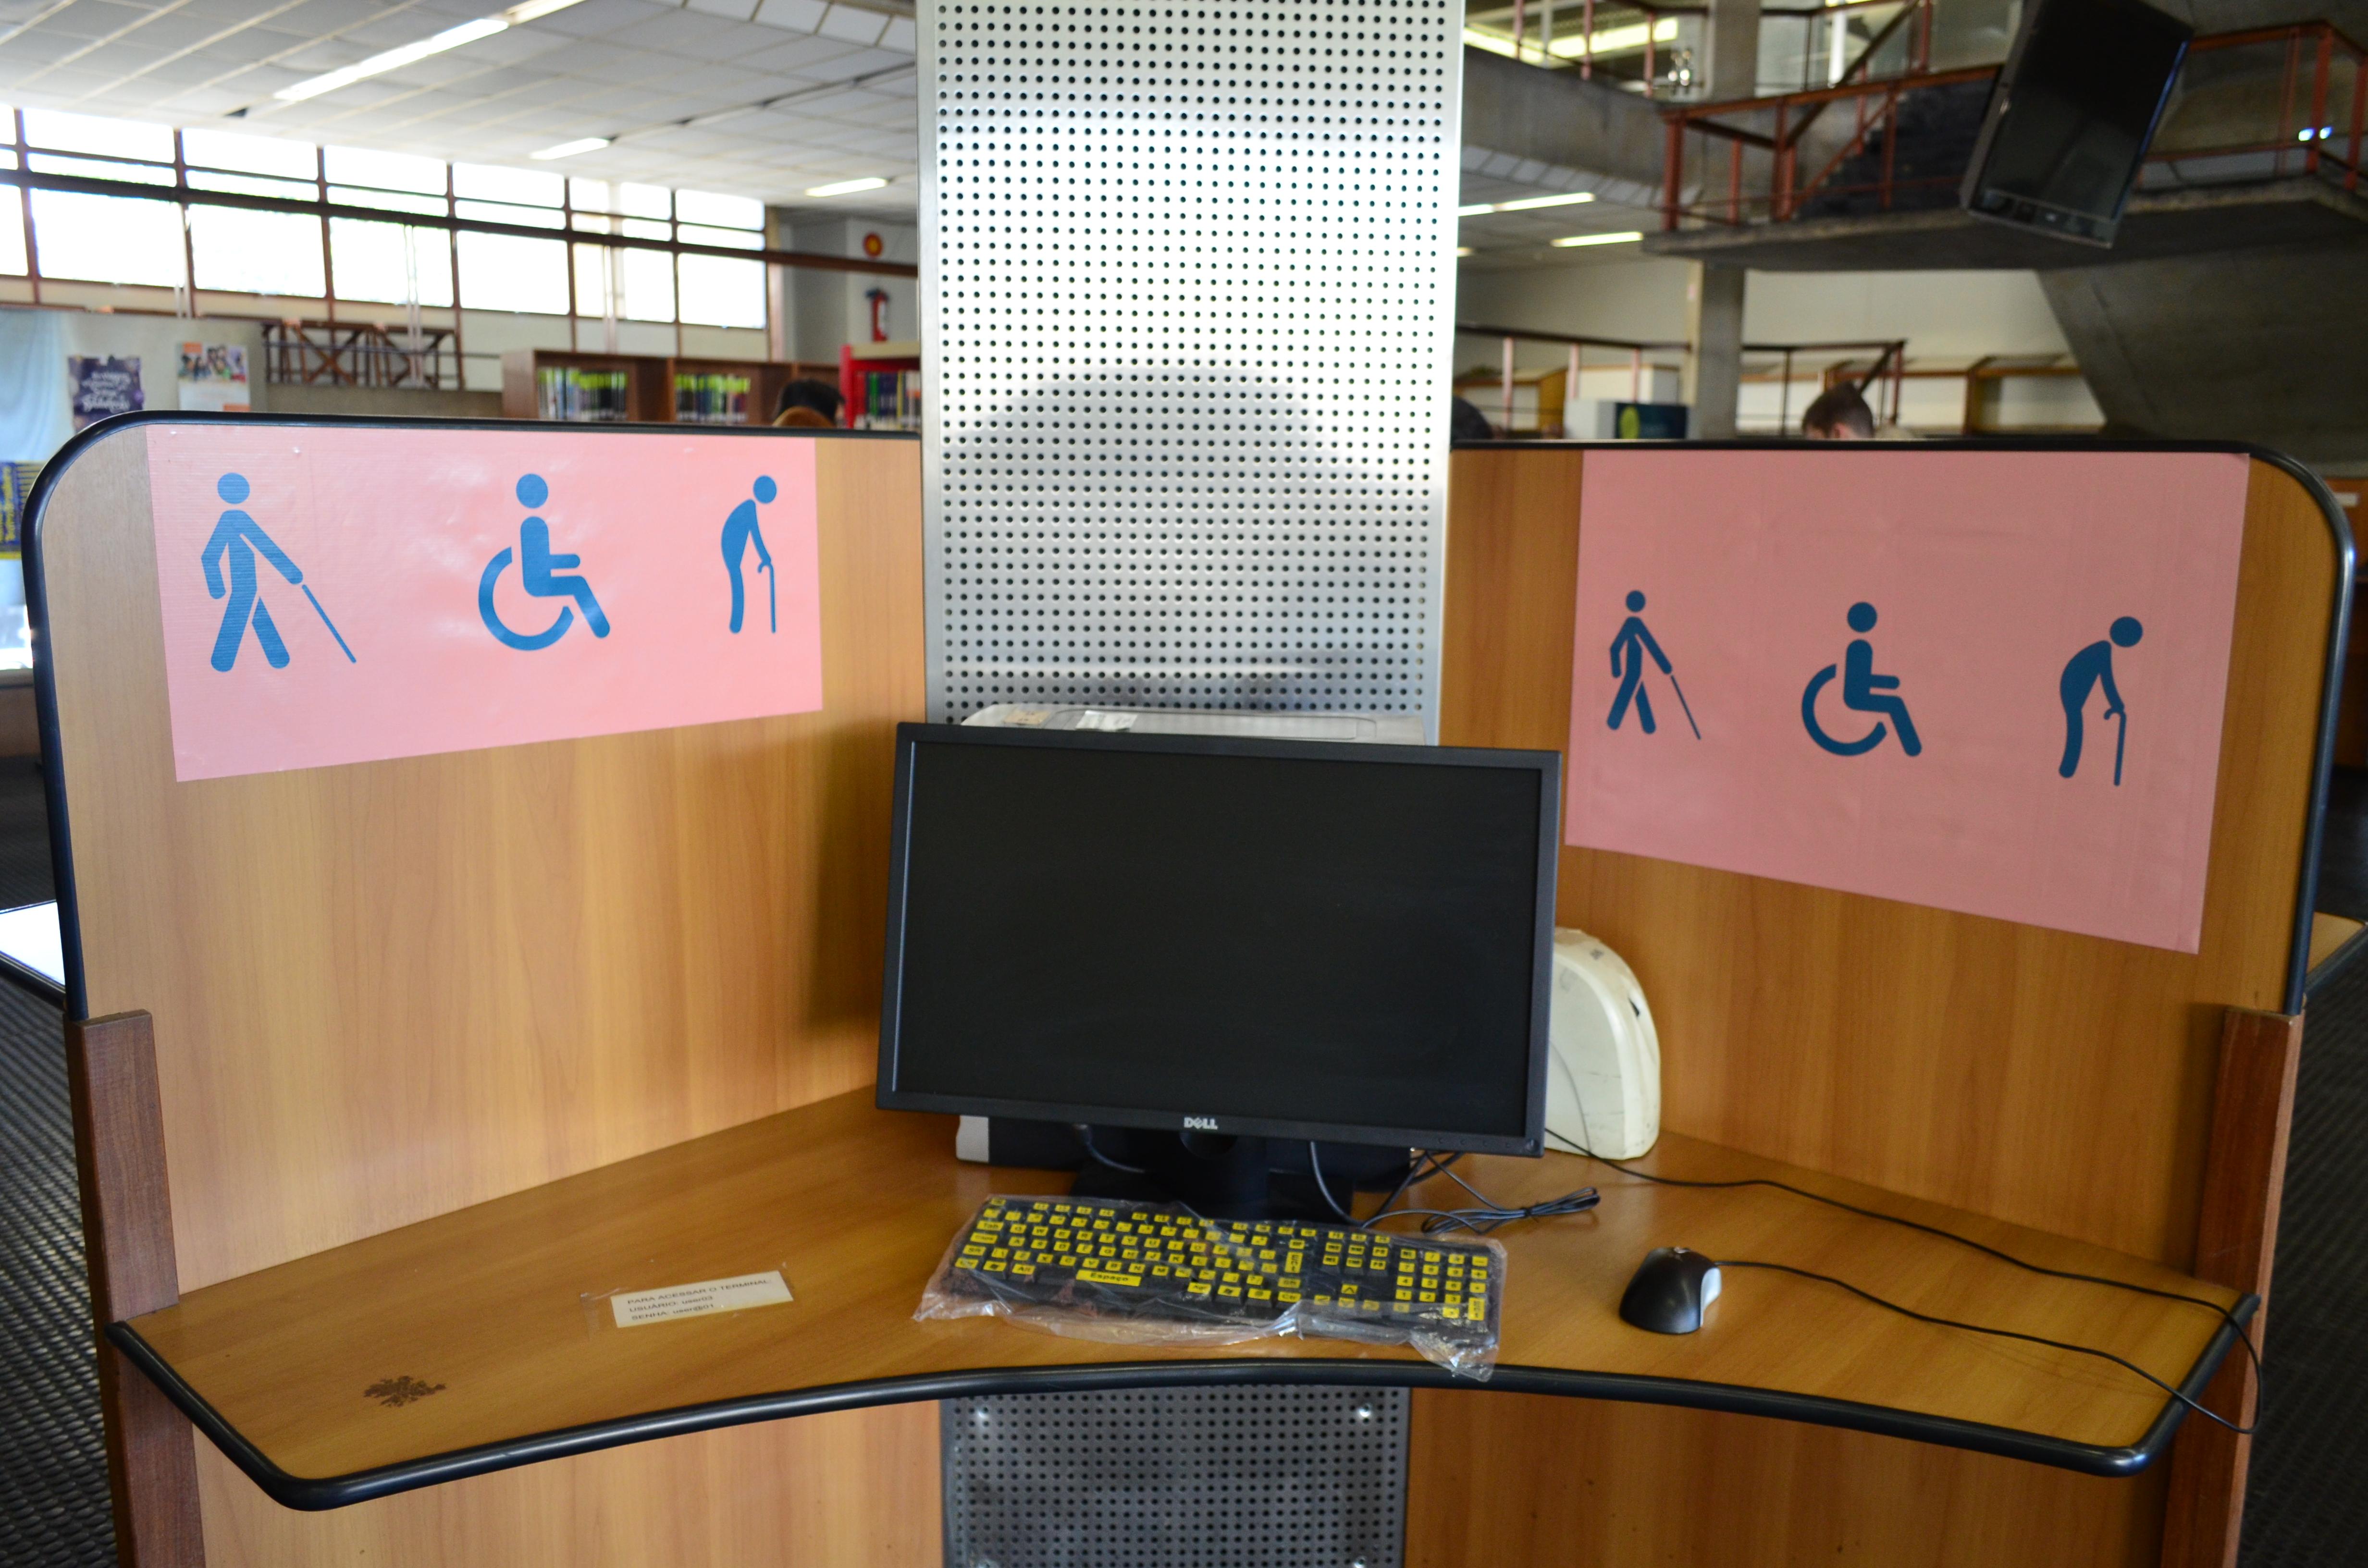 Novo terminal de consulta da Biblioteca Central é para uso exclusivo de pessoas com deficiência visual ou com mobilidade reduzida (Foto: Carla Pedrosa/BU-UFMG)